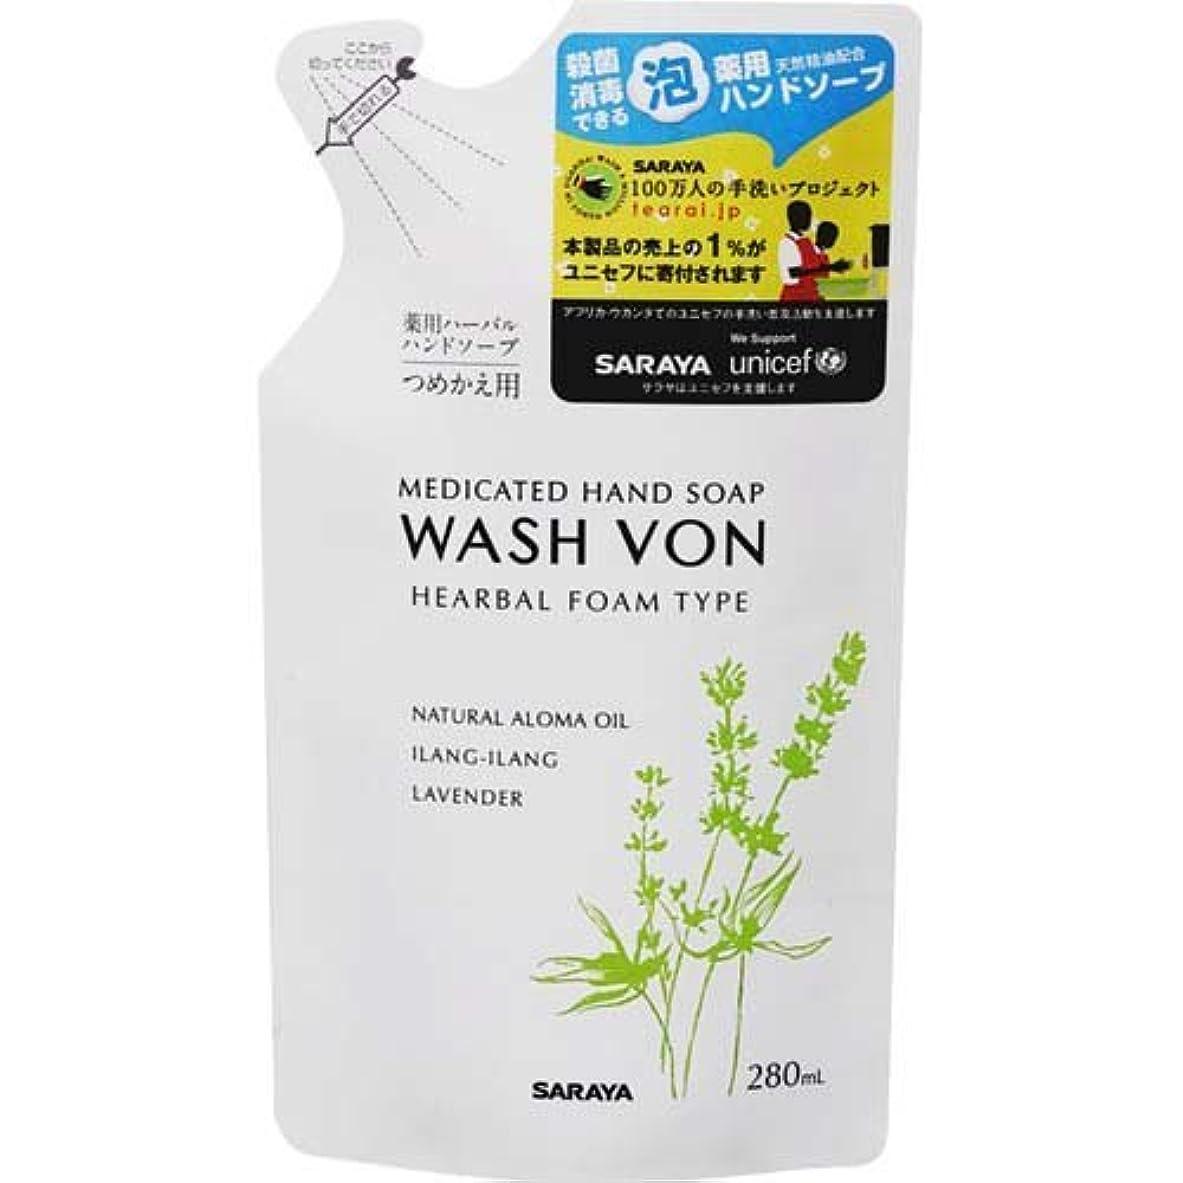 朝食を食べるエピソード指定WASH VONハーバル薬用ハンドソープ 詰替 280ml × 5個